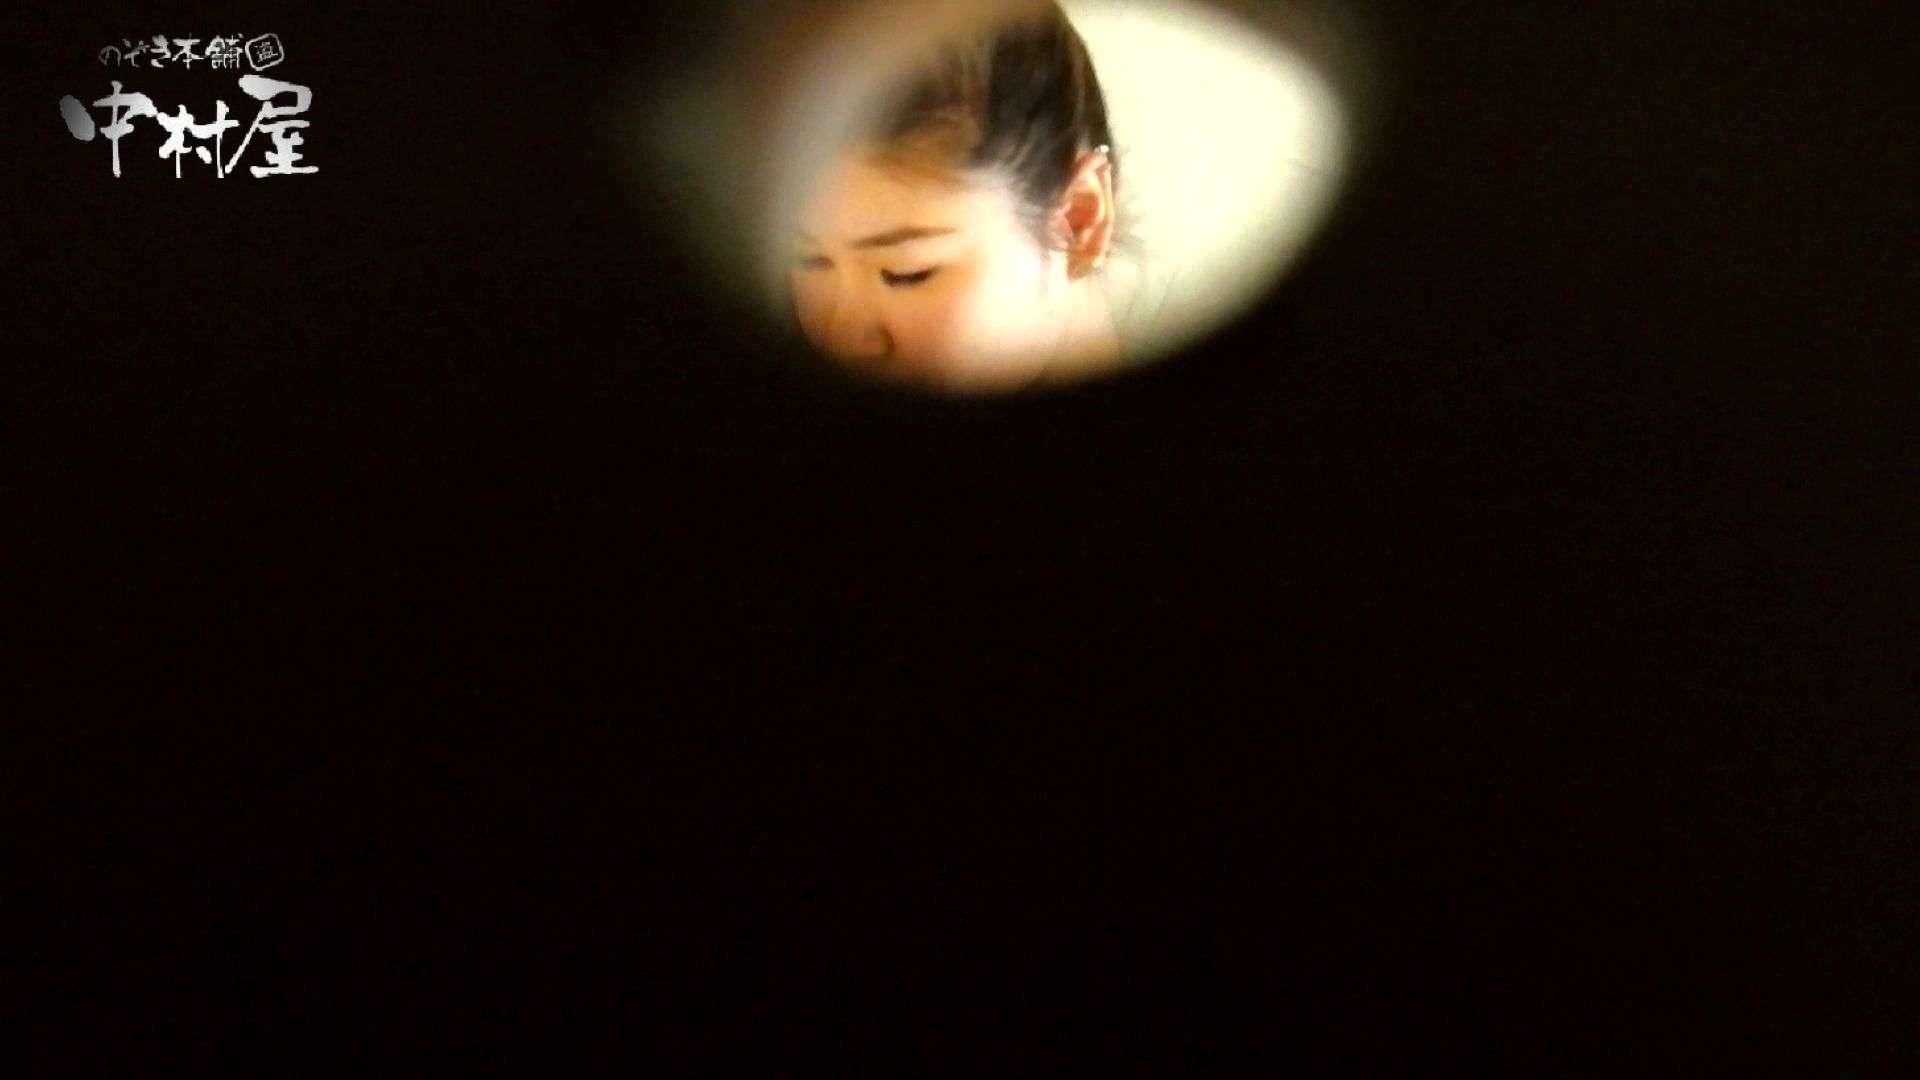 【世界の射窓から】世界の射窓から vol.12 洗面所突入  105pic 8